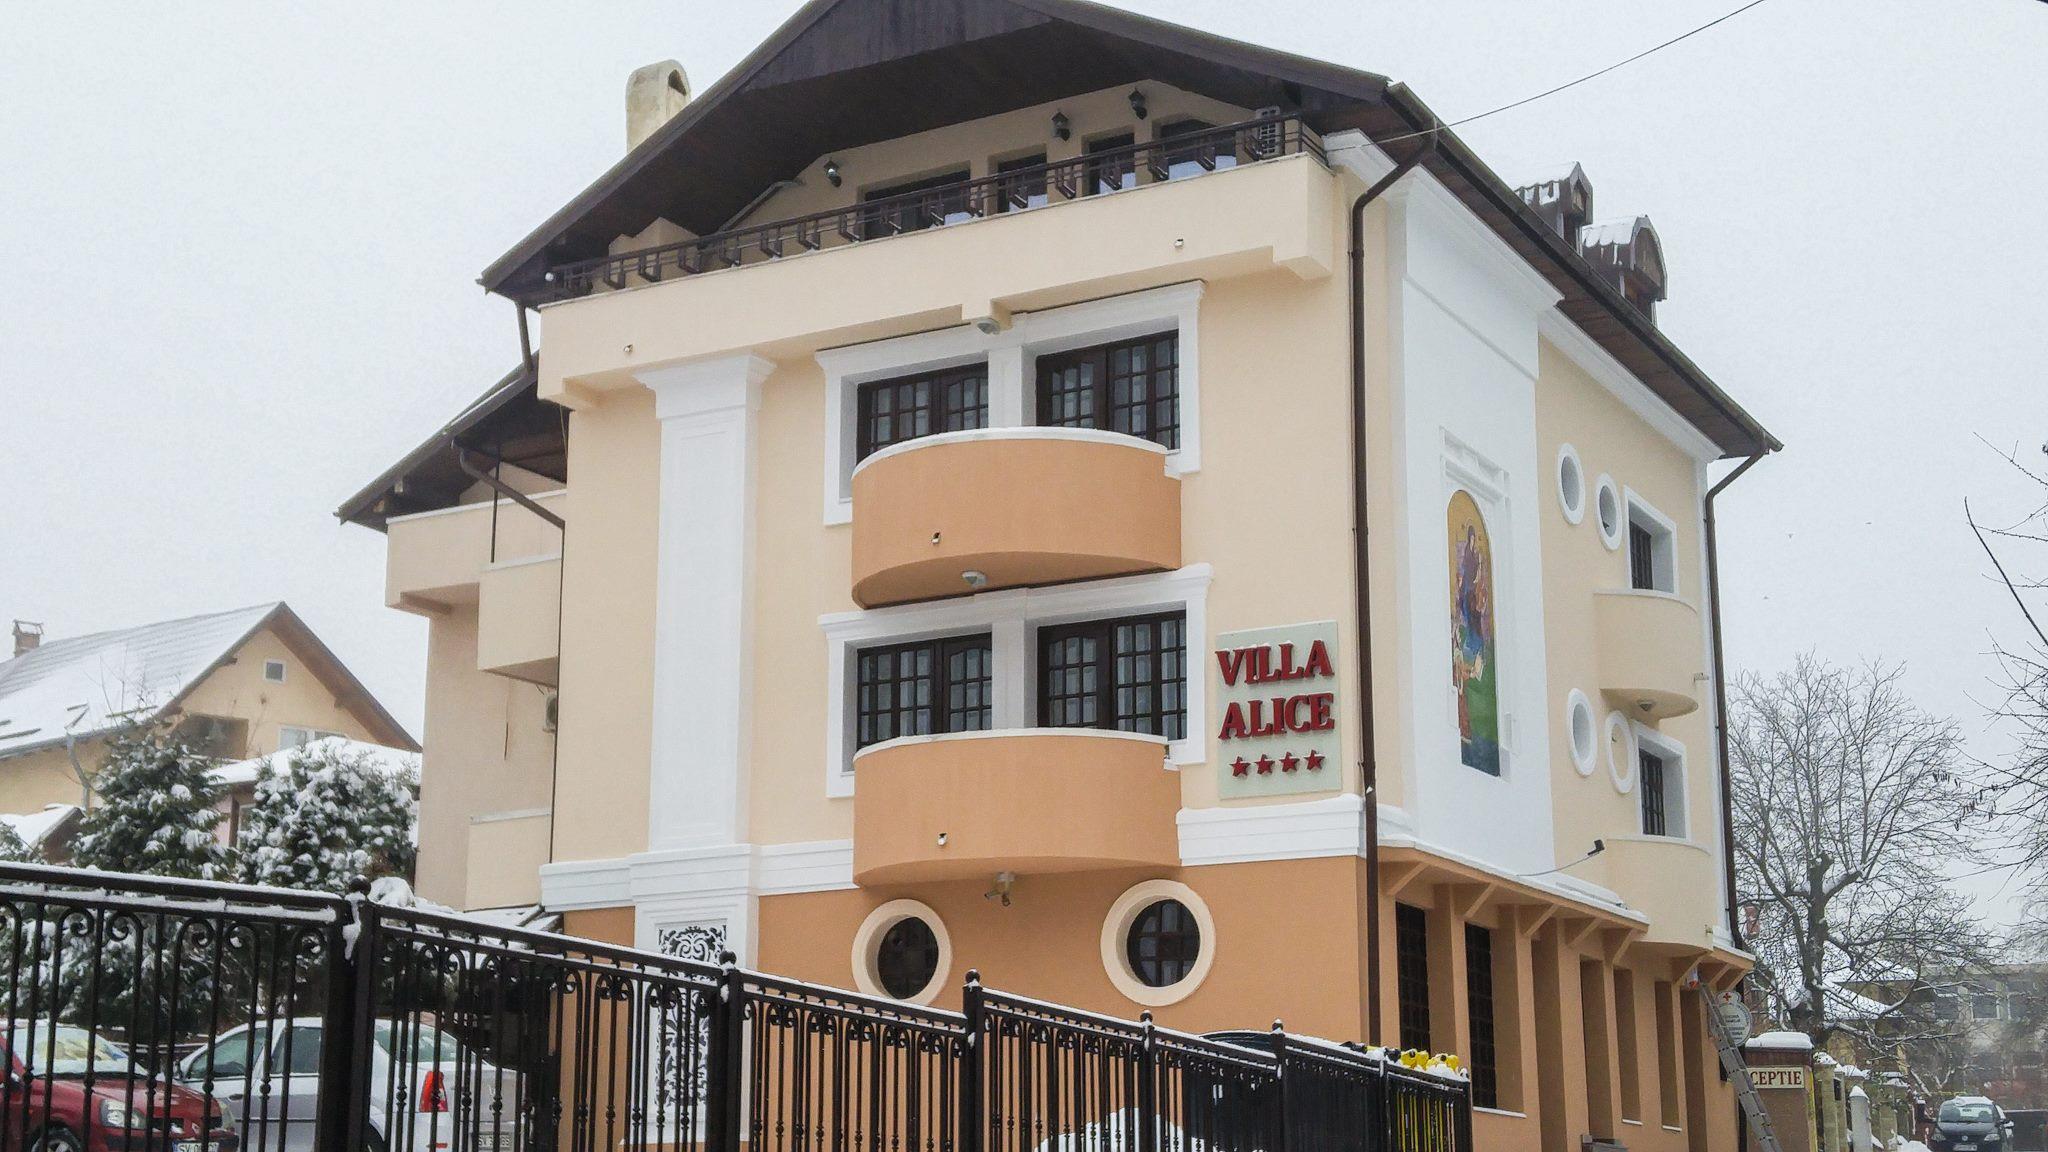 Villa Alice Cazare in Suceava